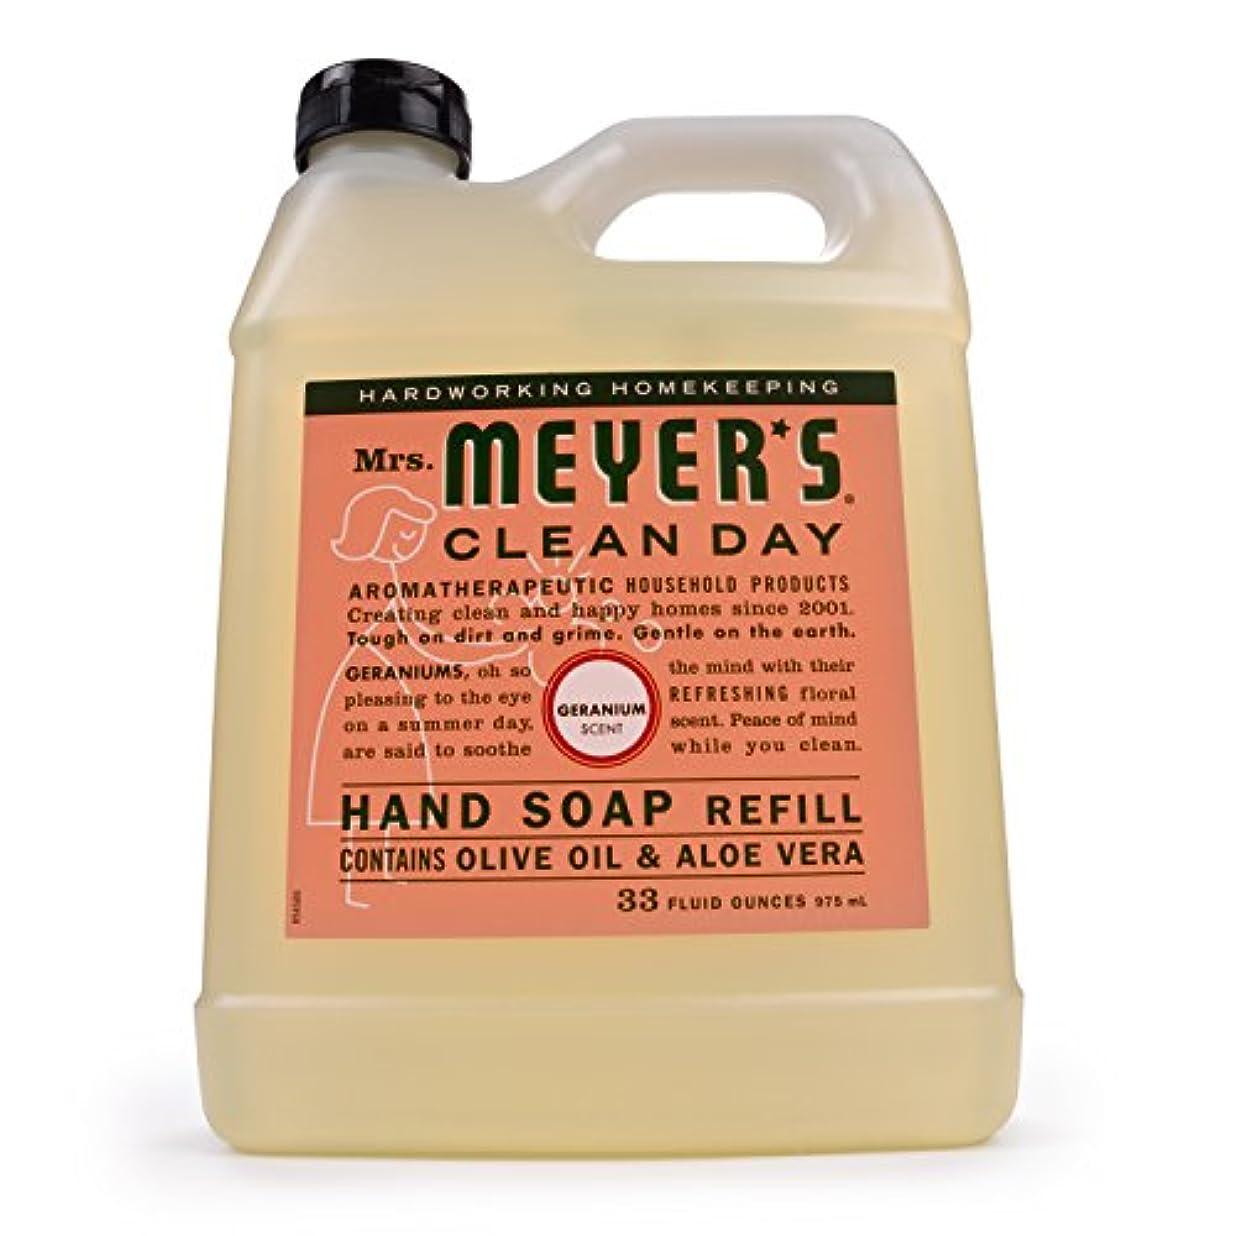 エリート猫背小売Mrs. Meyer's Clean Day Liquid Hand Soap Refill,33 oz,Geranium by Mrs. Meyer's Clean Day